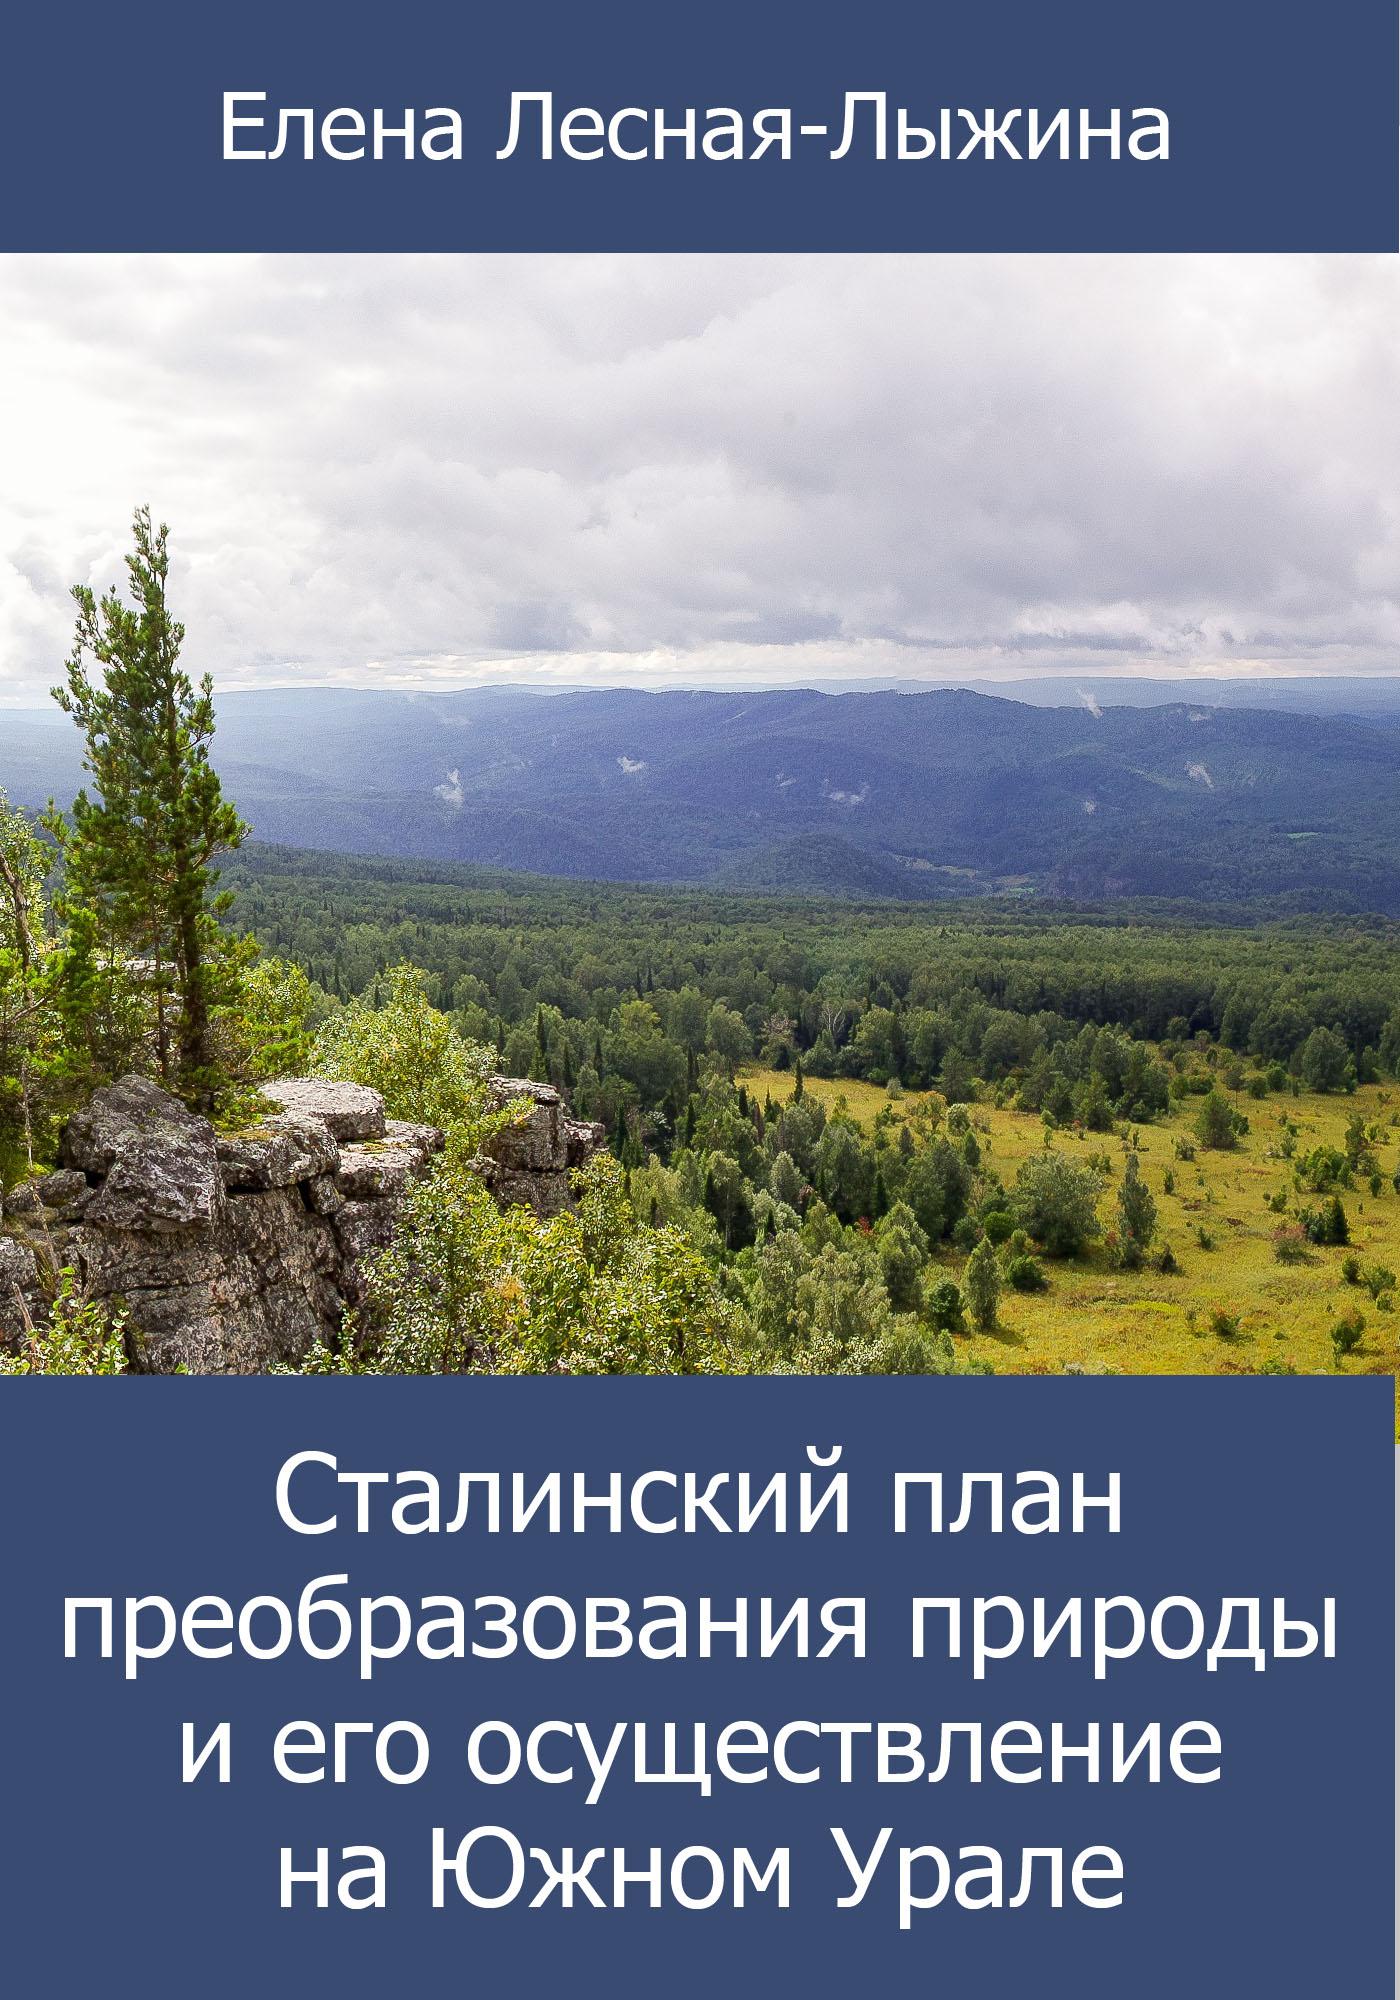 Сталинский план преобразования природы и его осуществление на Южном Урале